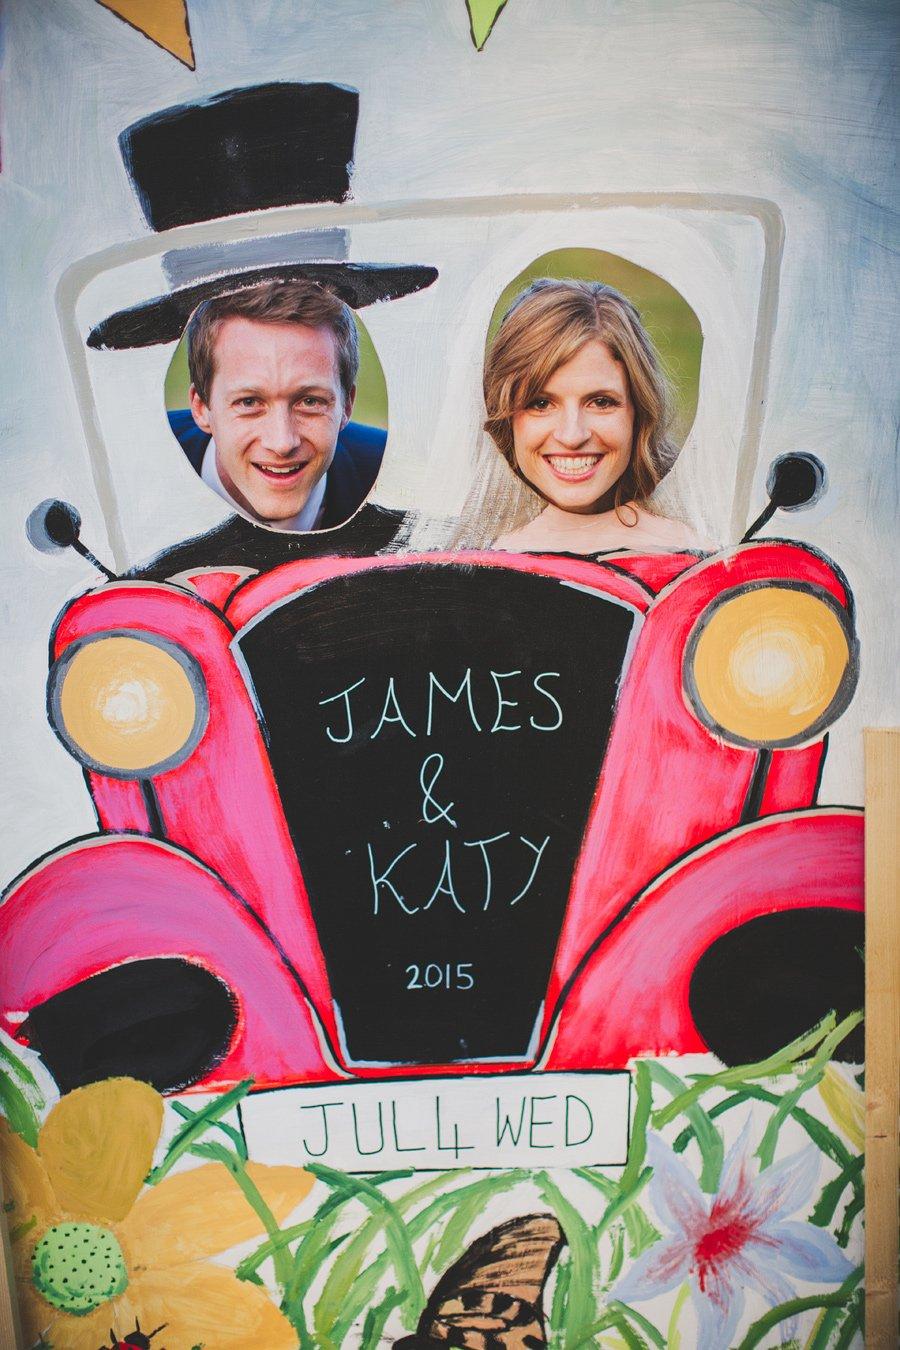 East-Meon-Wedding-Photography-Fazackarley-Katy-and-James-121